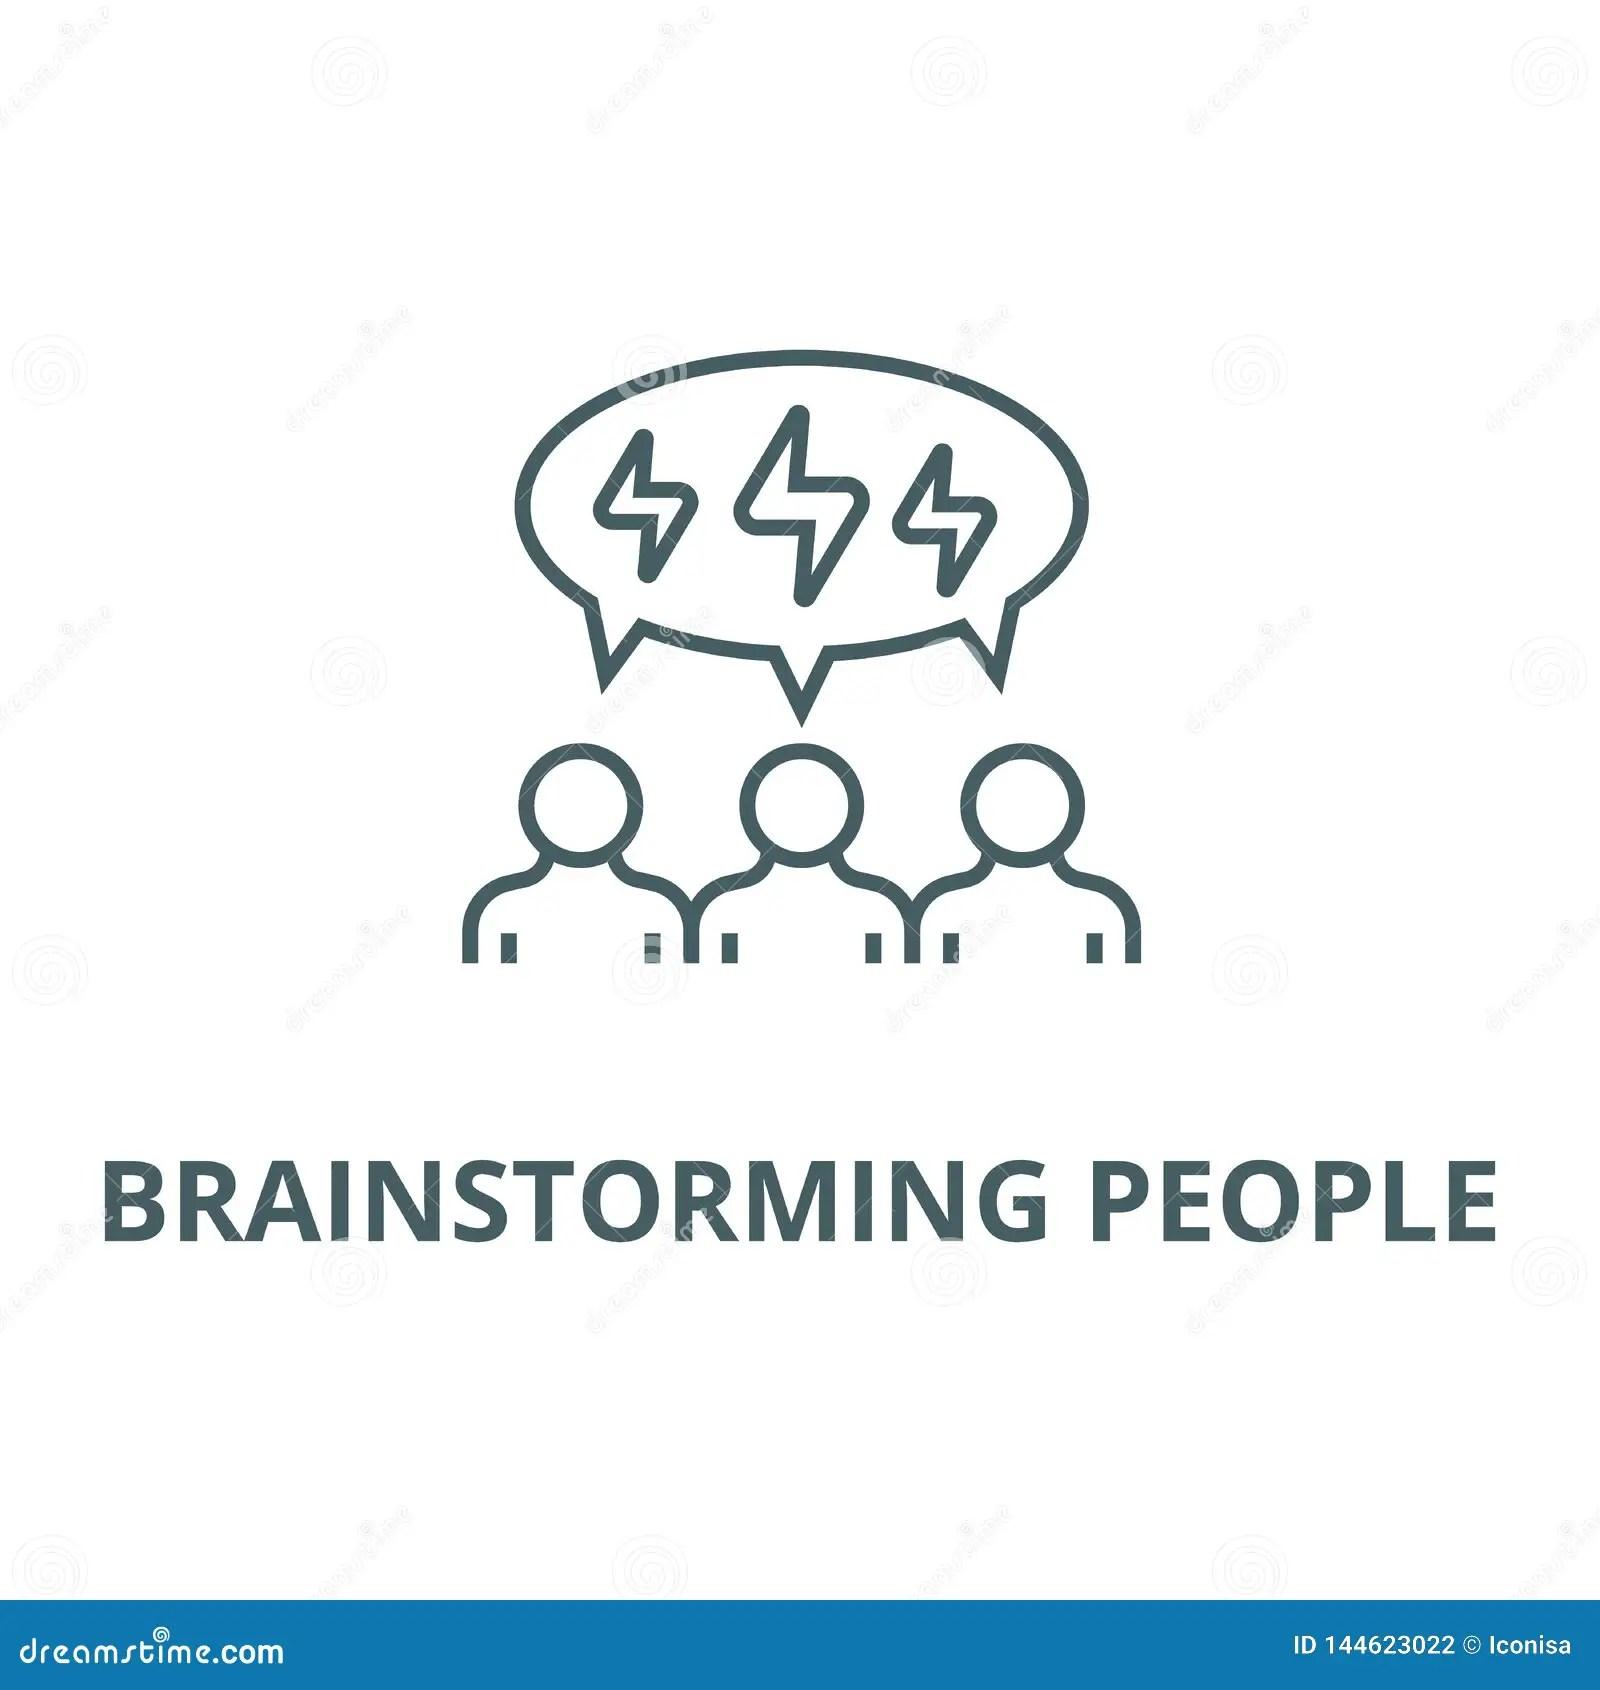 Brainstorming People Line Icon Vector Brainstorming